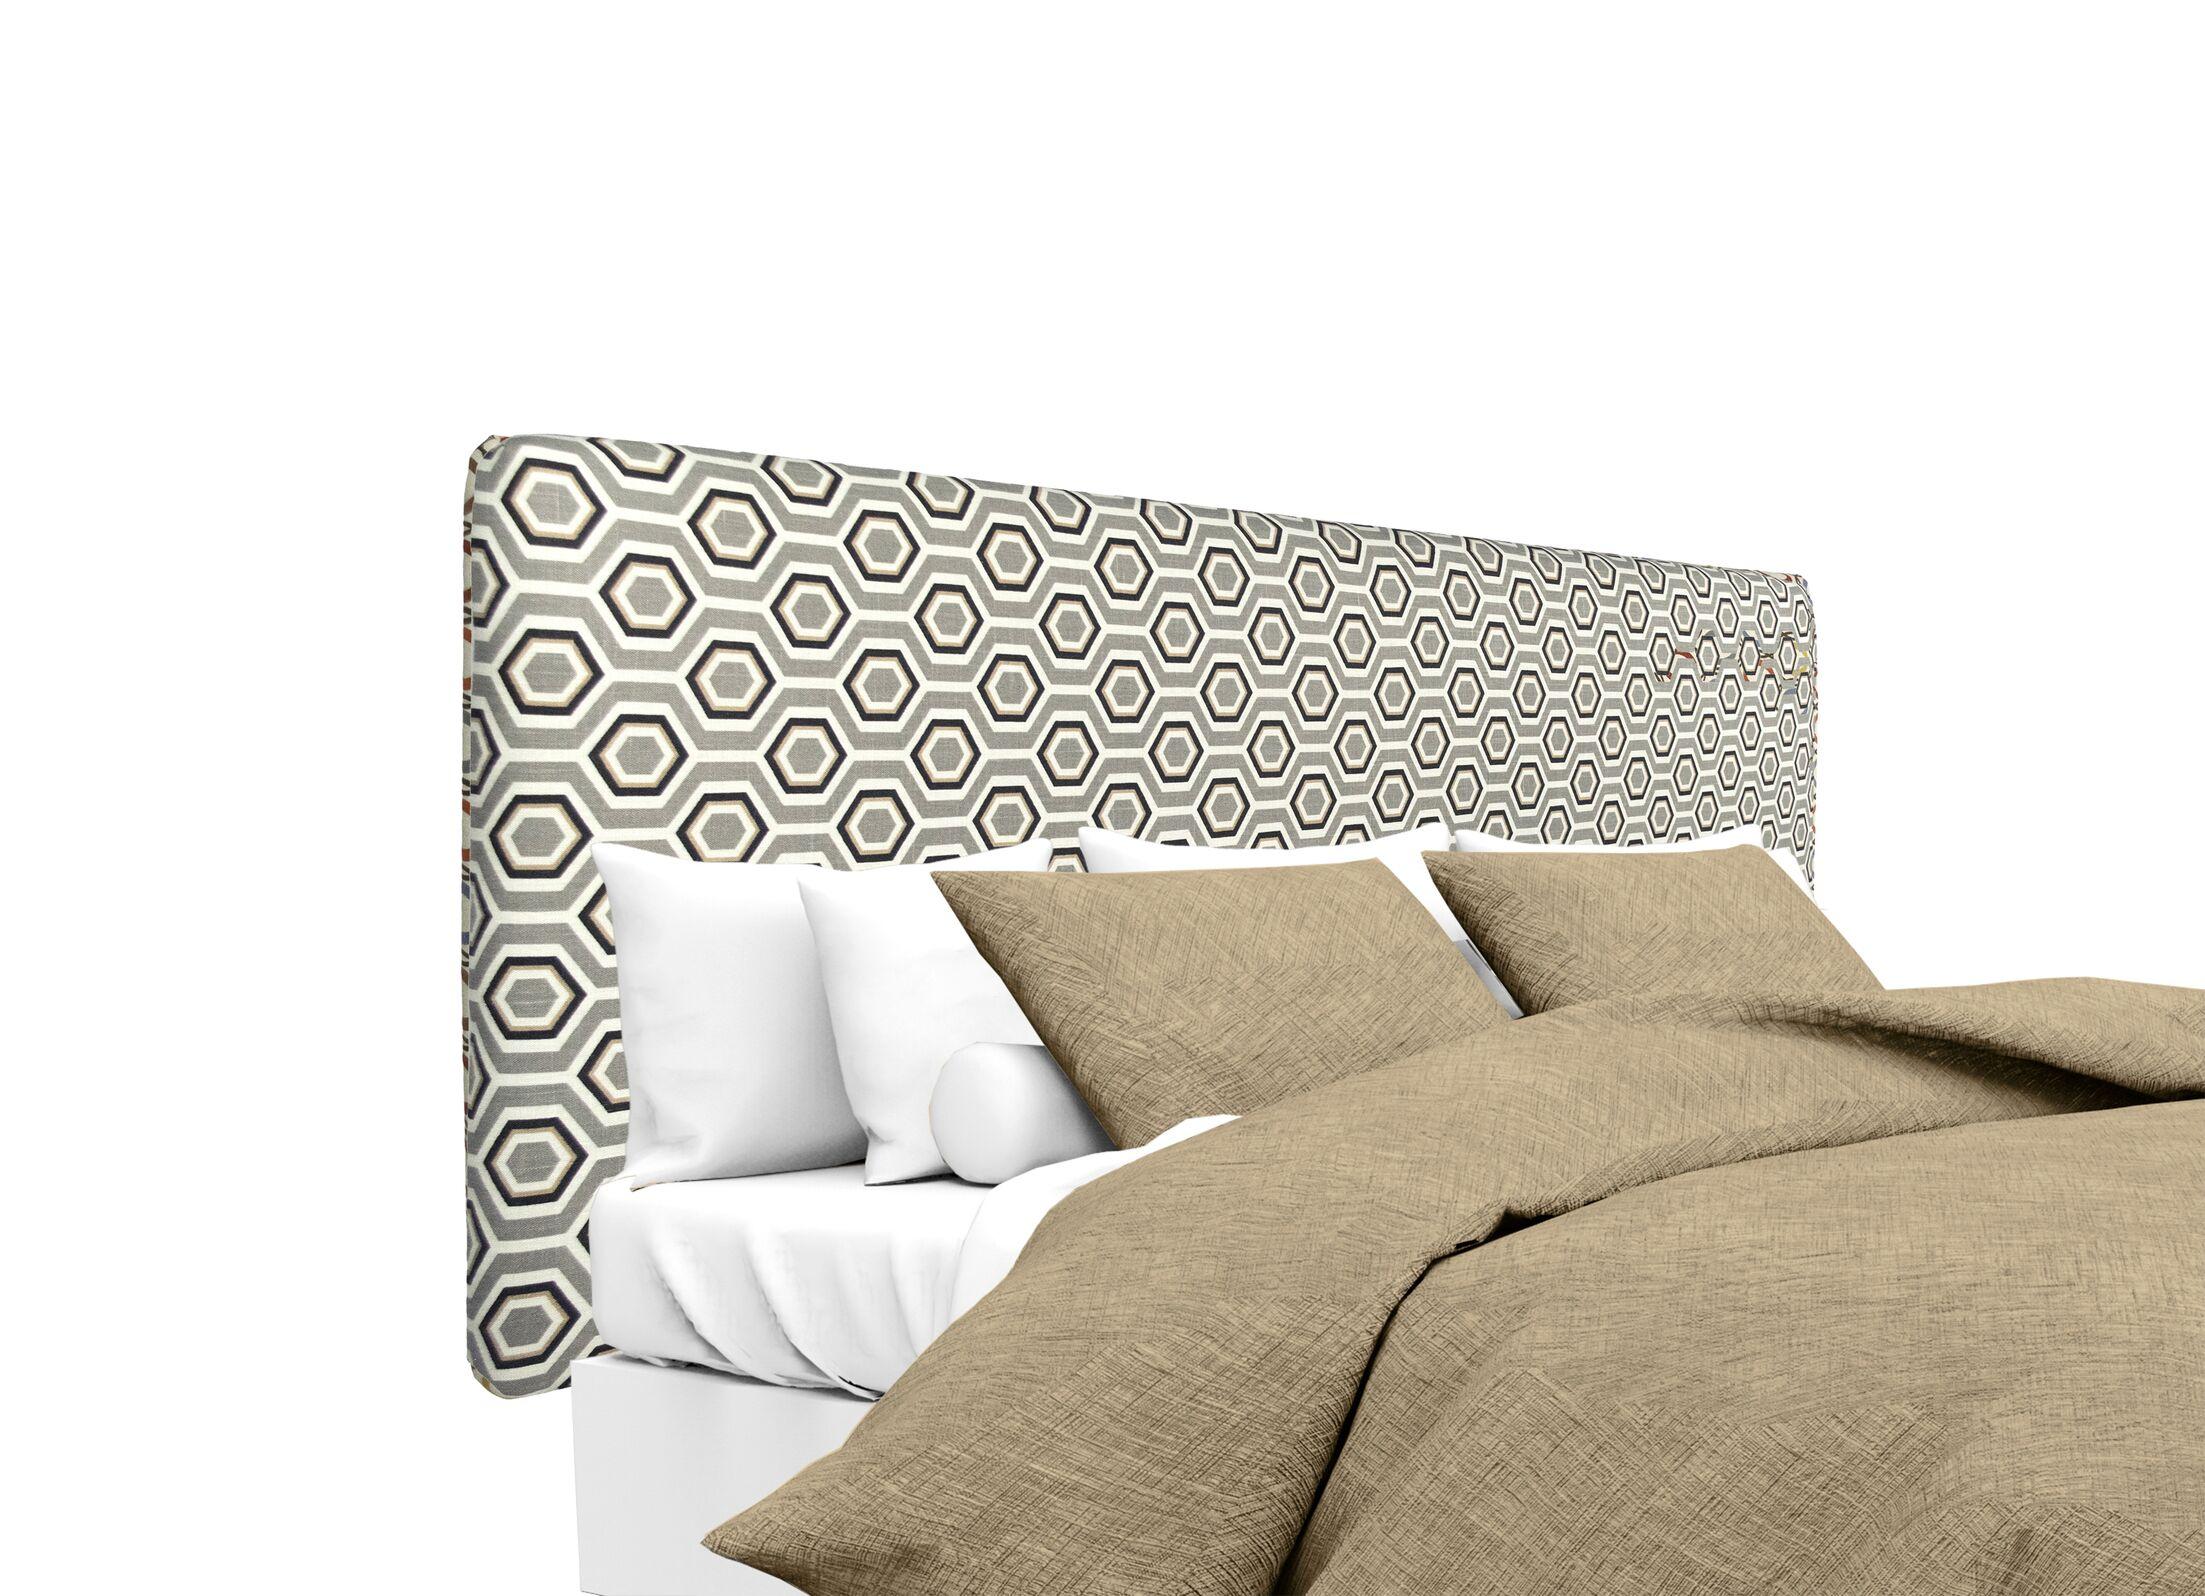 Ashton Upholstered Panel Headboard Size: King, Upholstery: Silver